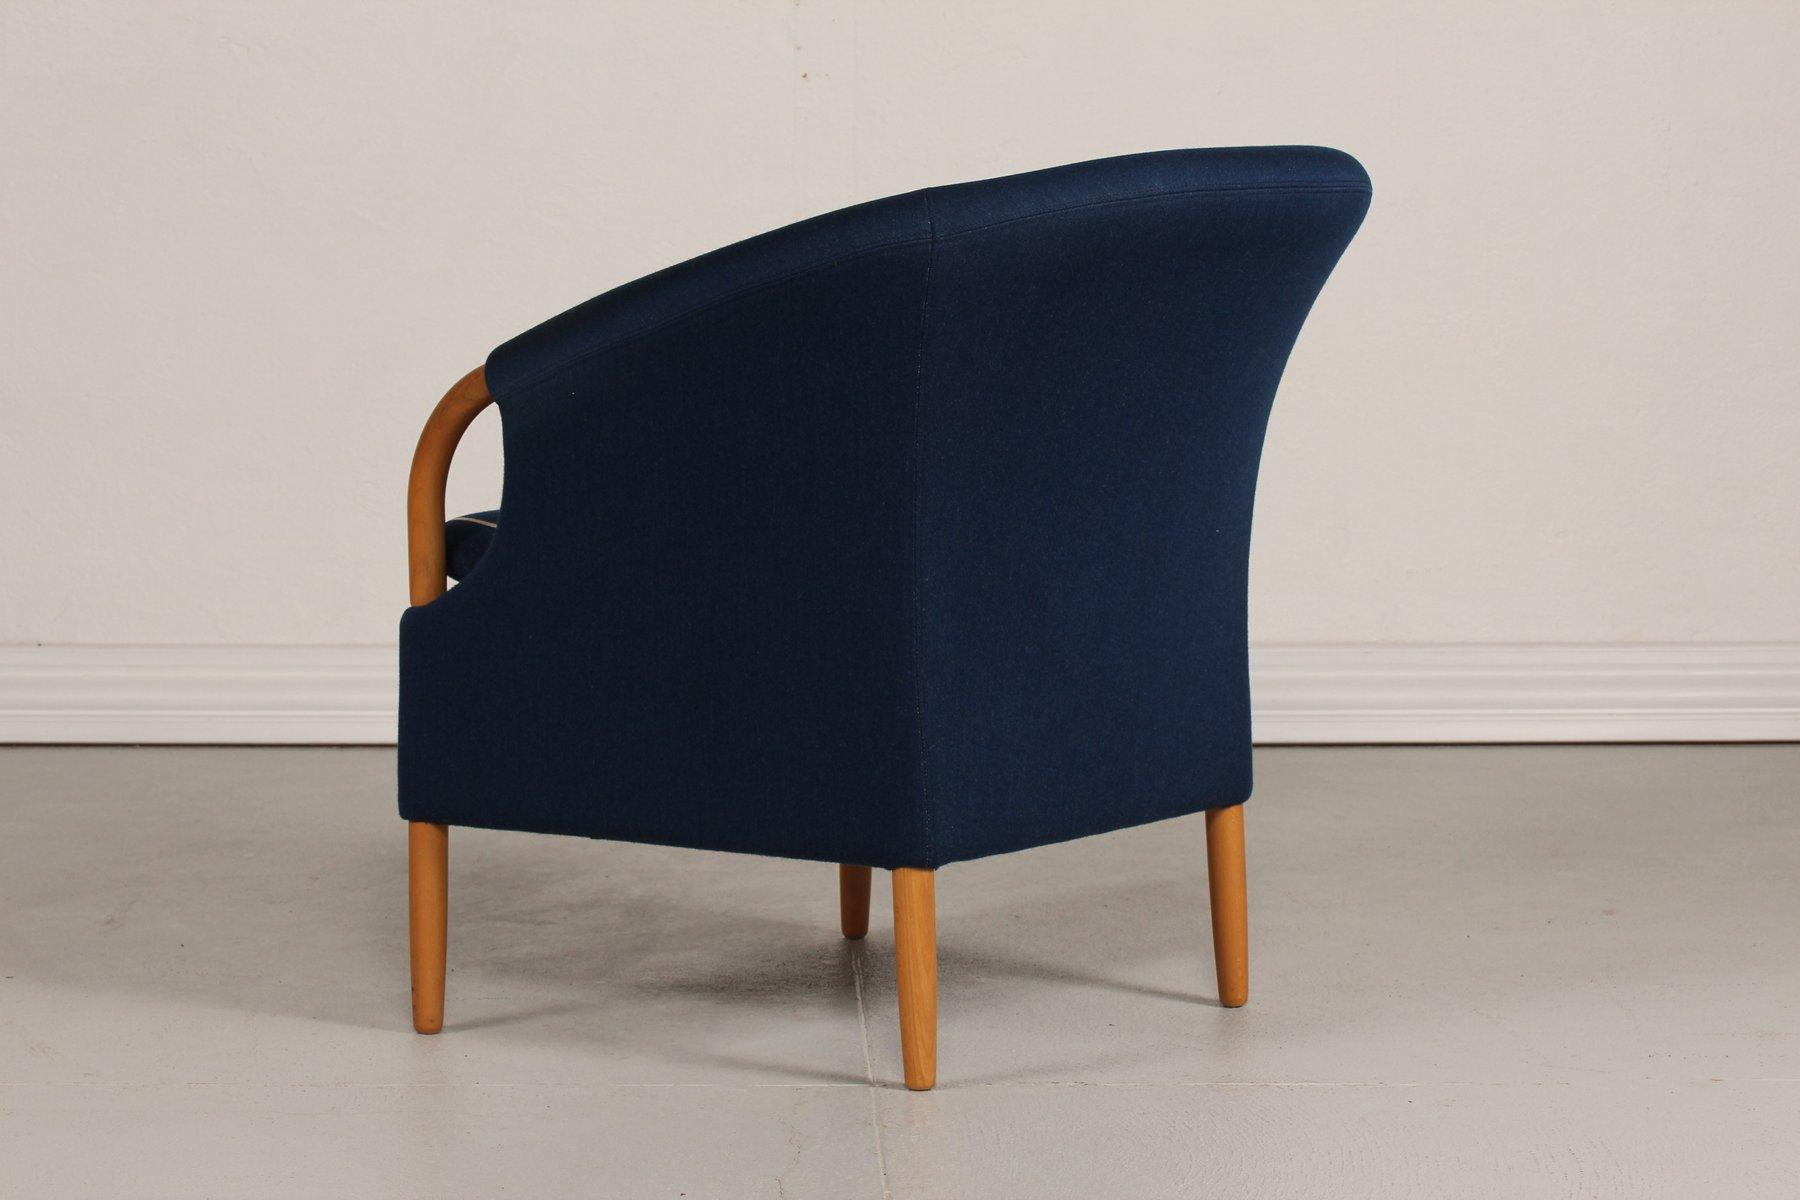 d nischer opus sessel mit blauem wollbezug von jeki m bler 1980er bei pamono kaufen. Black Bedroom Furniture Sets. Home Design Ideas